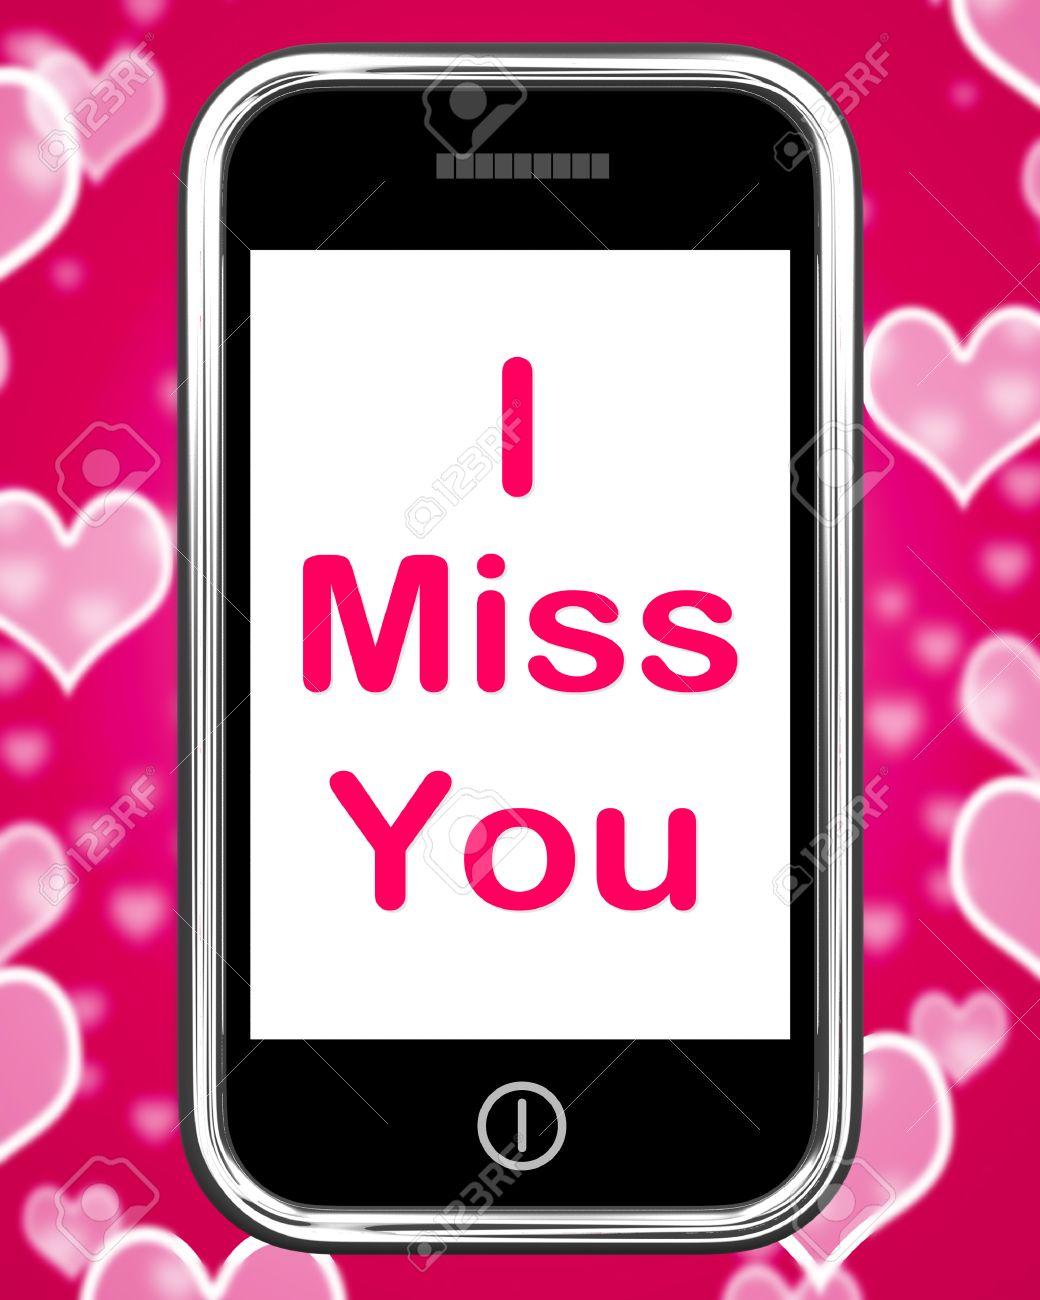 Miss you 意味 i